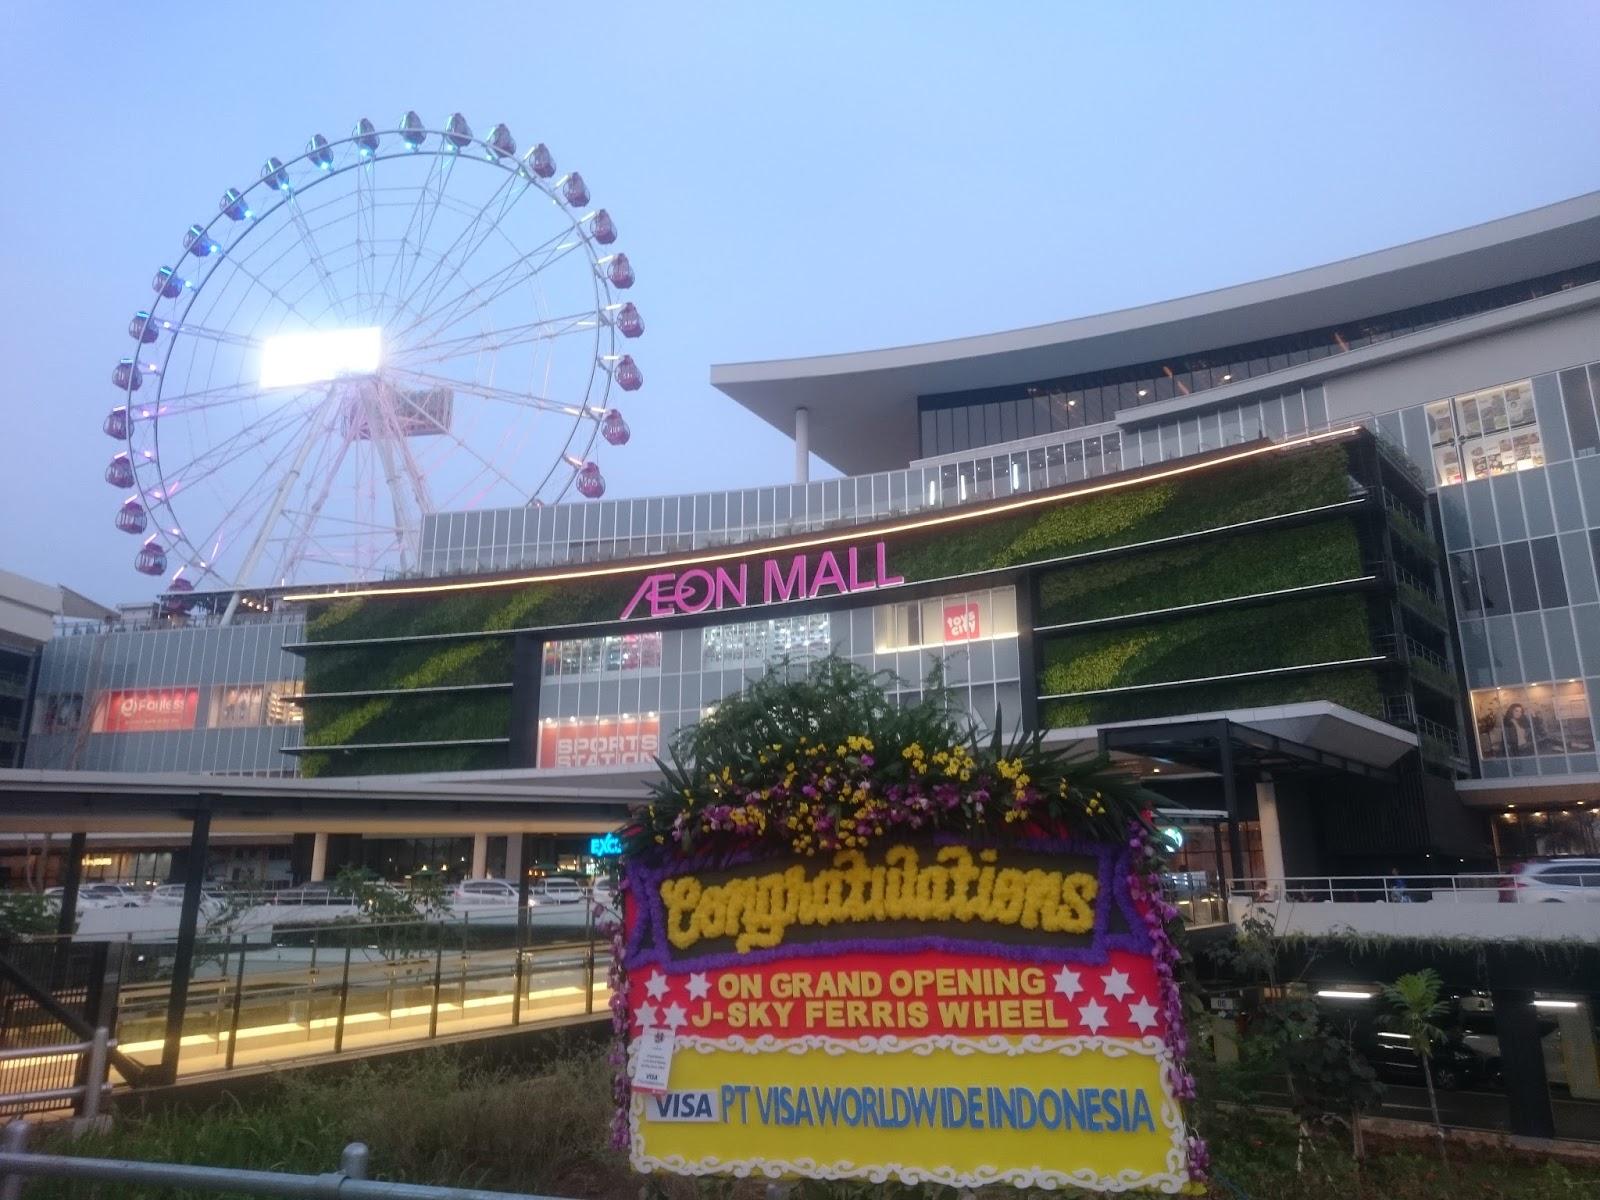 bersama J-Sky Ferris Wheel Menikmati Keindahan Jakarta dari Ketinggian 1